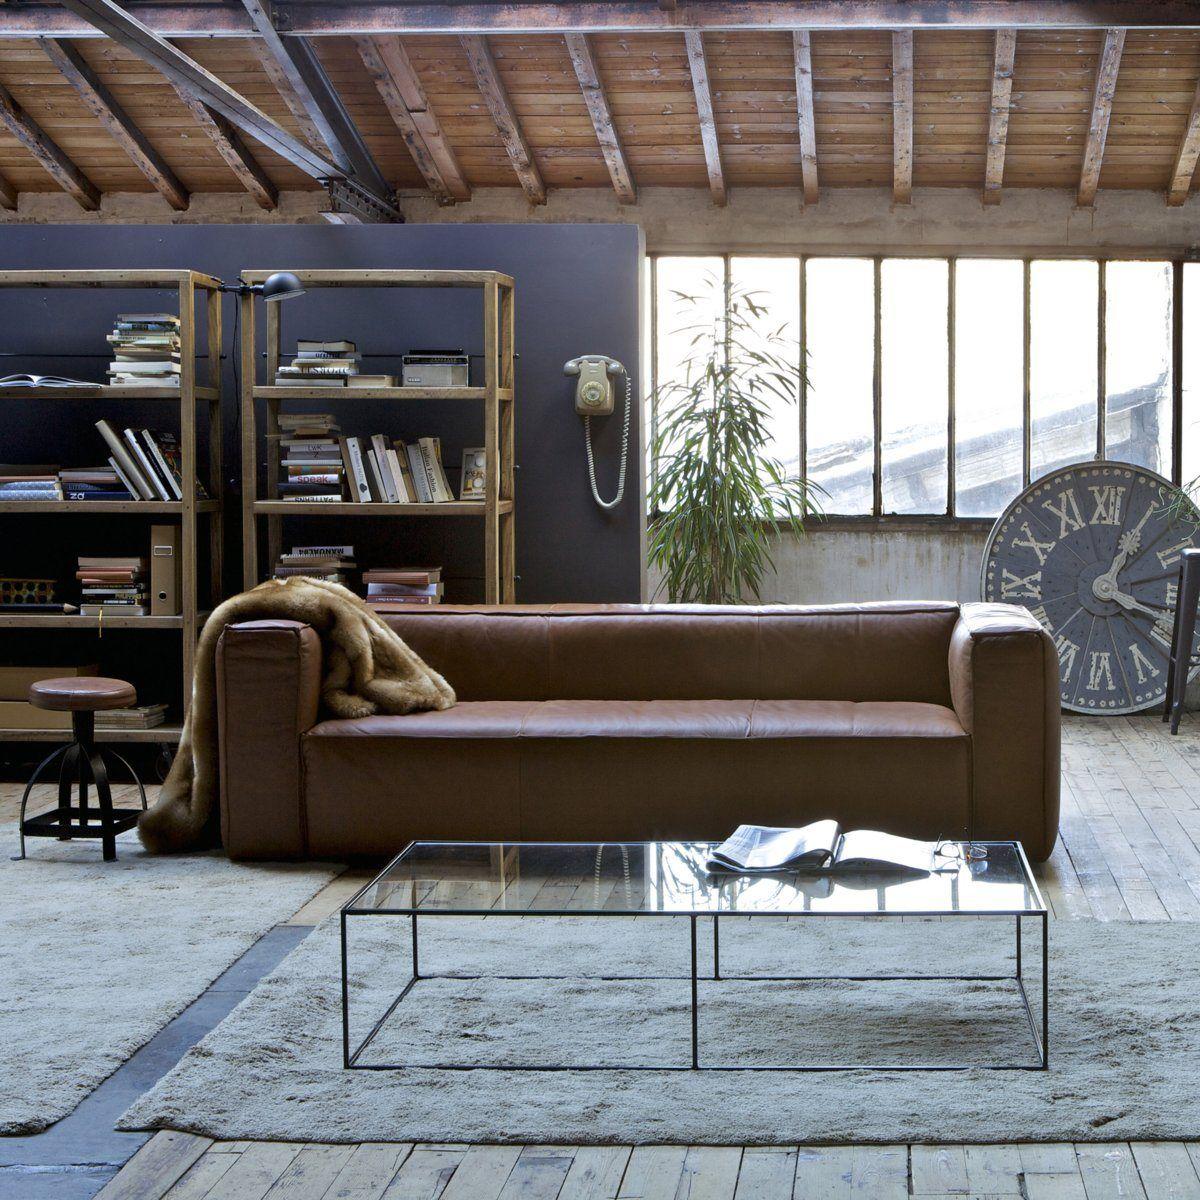 Déco industrielle avec canapé cuir marron salon AMPM